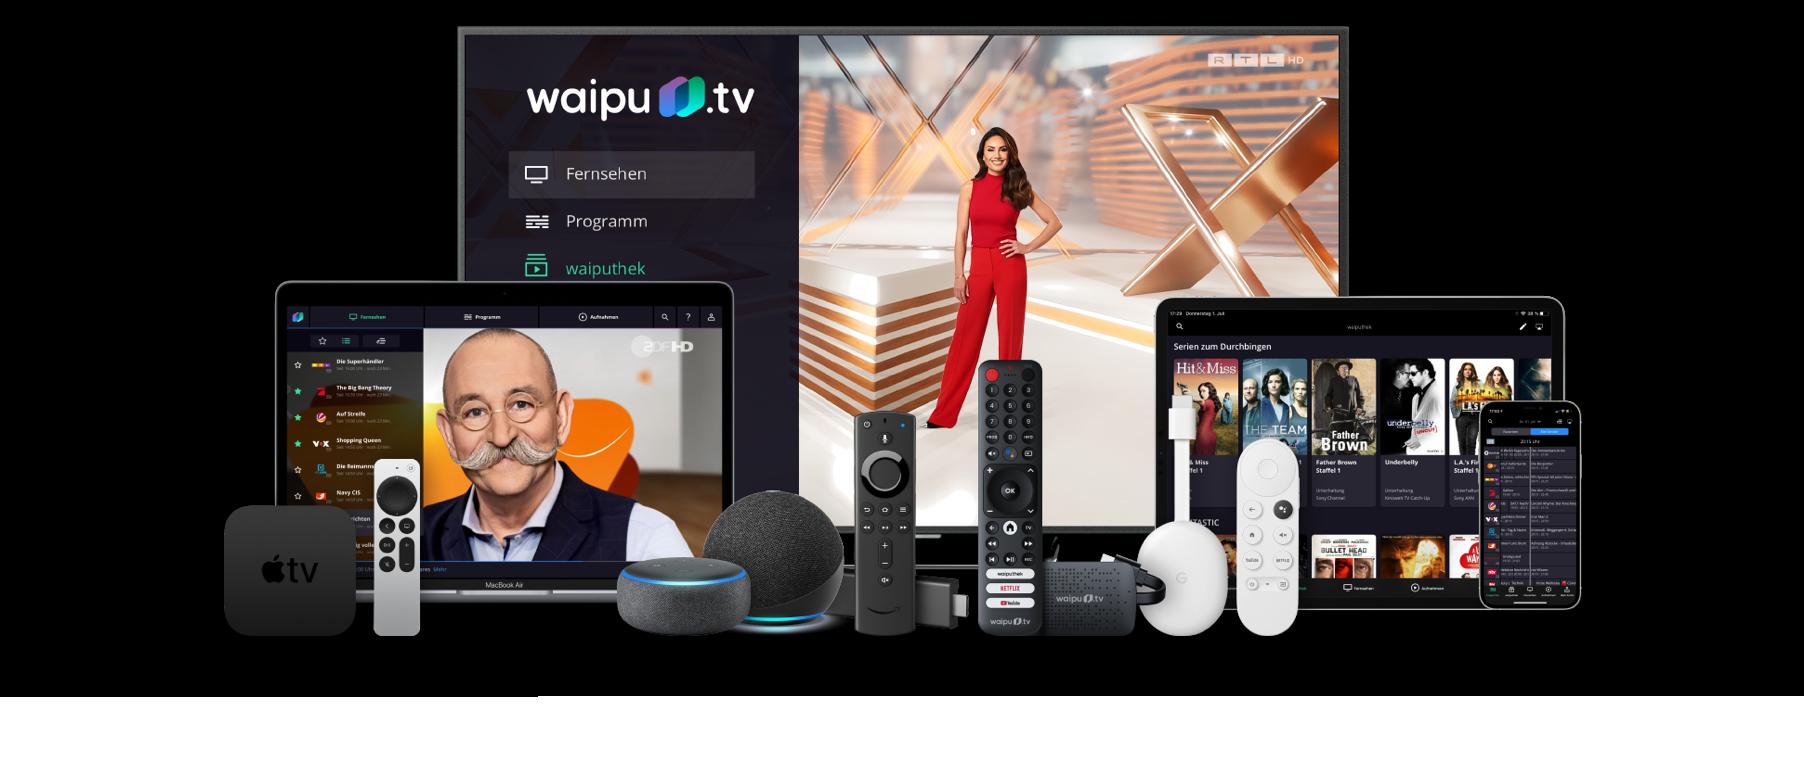 Die neue Gerätefamilie von waipu.tv